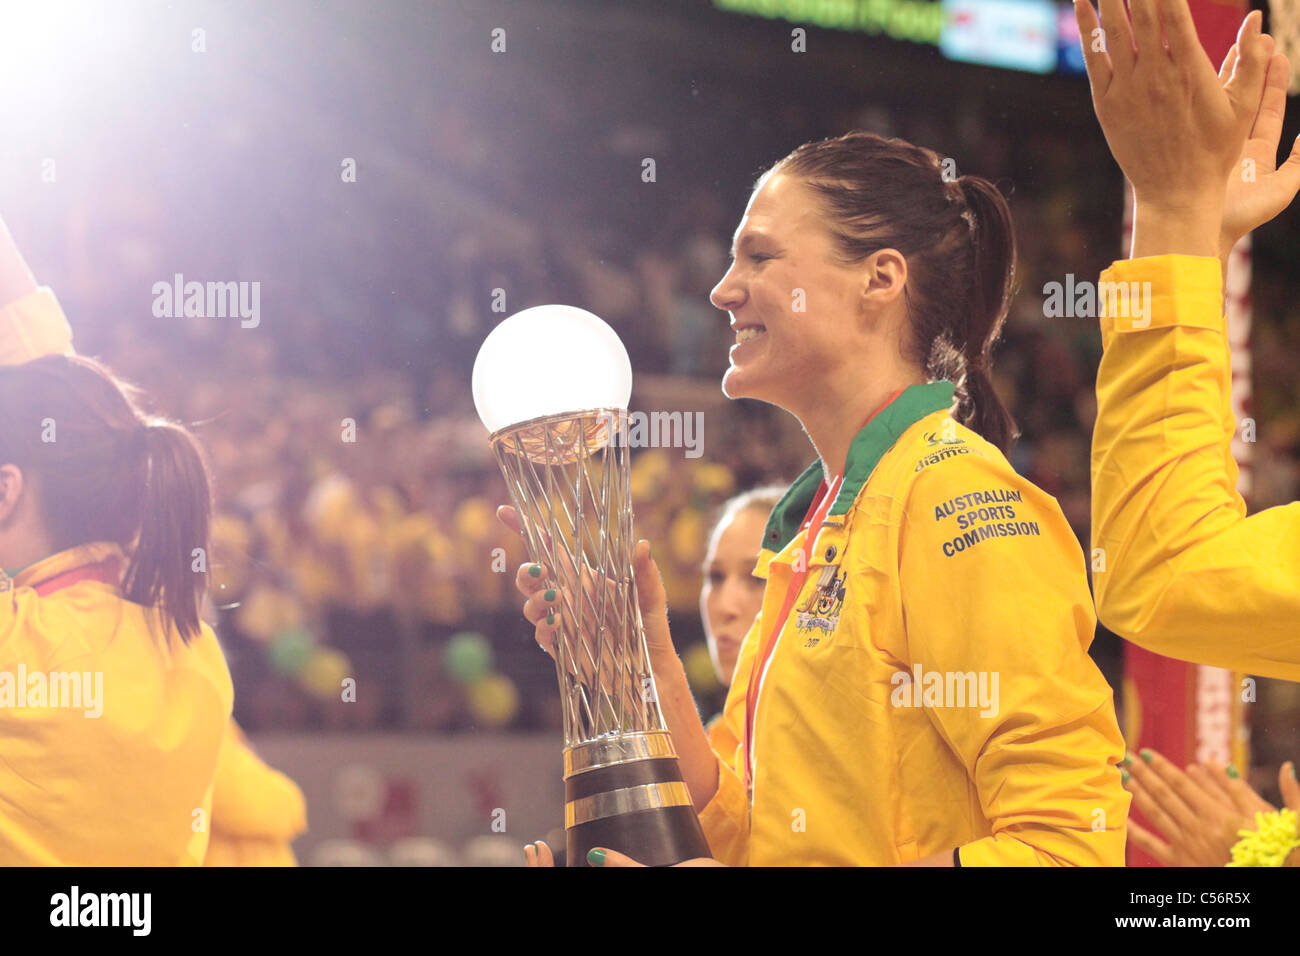 10.07.2011 Caitlin Bassett Australien hält die Netball Weltmeisterschaften Trophy, Mission Foods Netball Weltmeisterschaften Stockbild